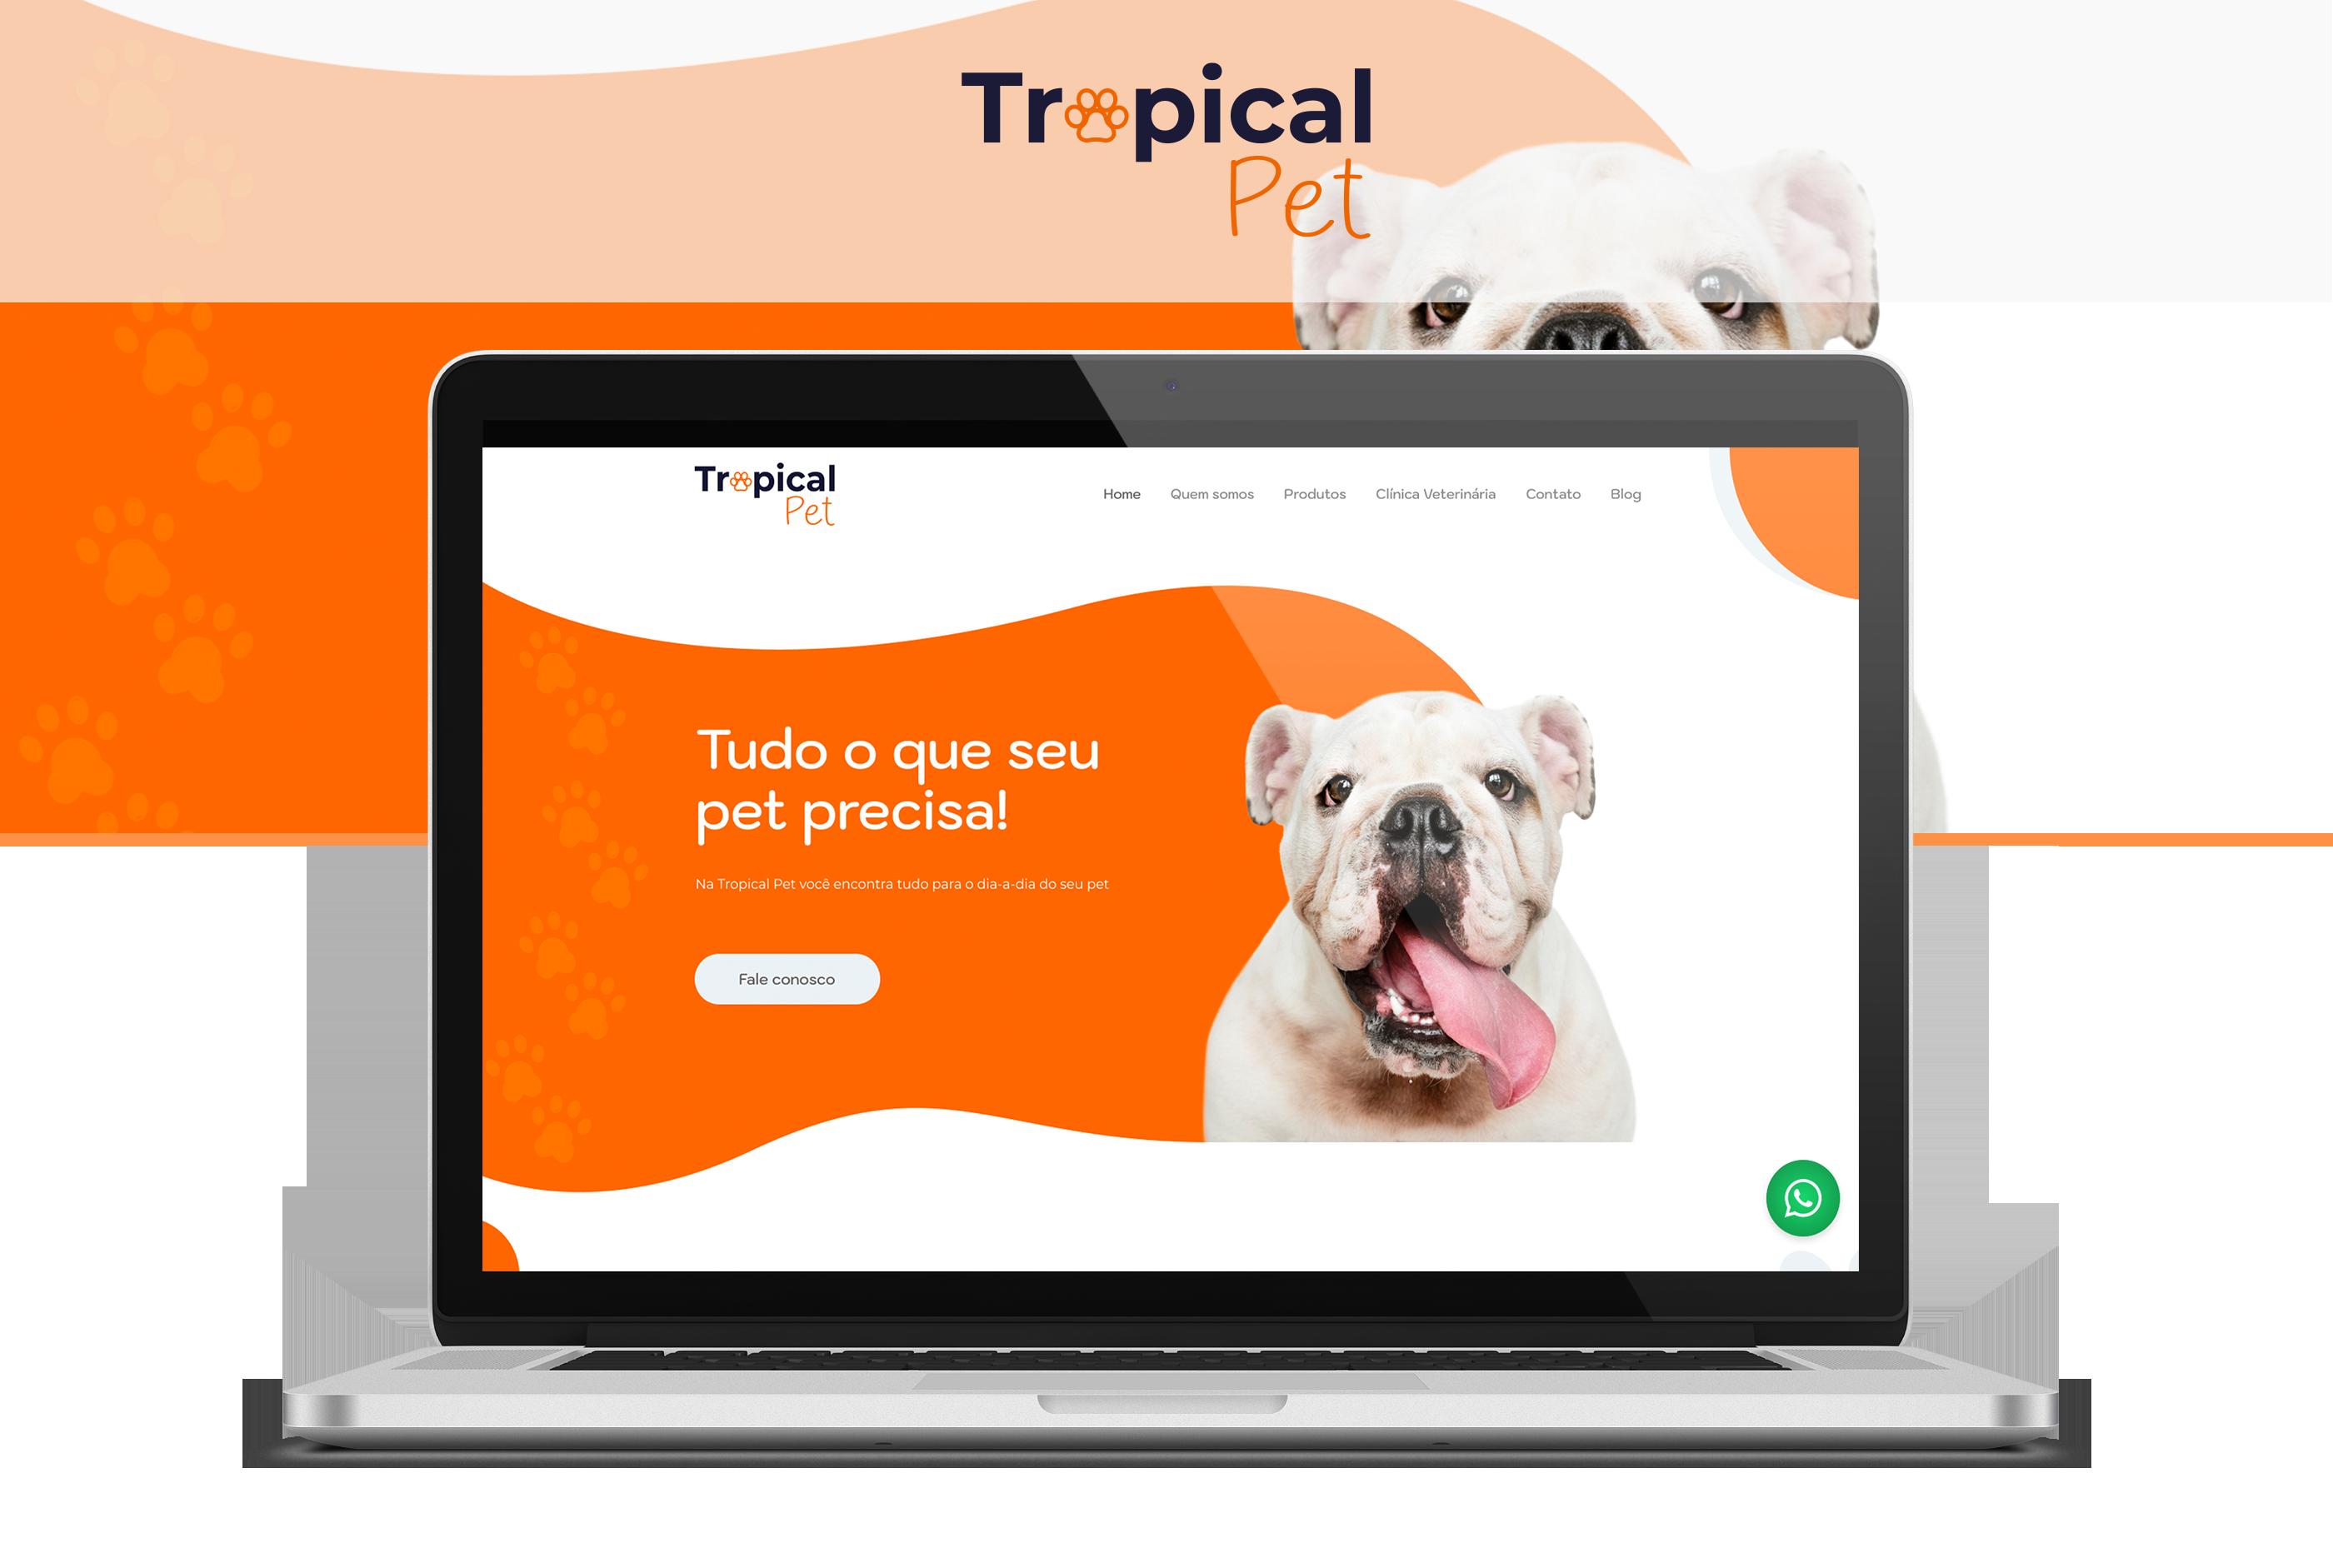 Projeto Tropical Pet - Goognet Solução Digital